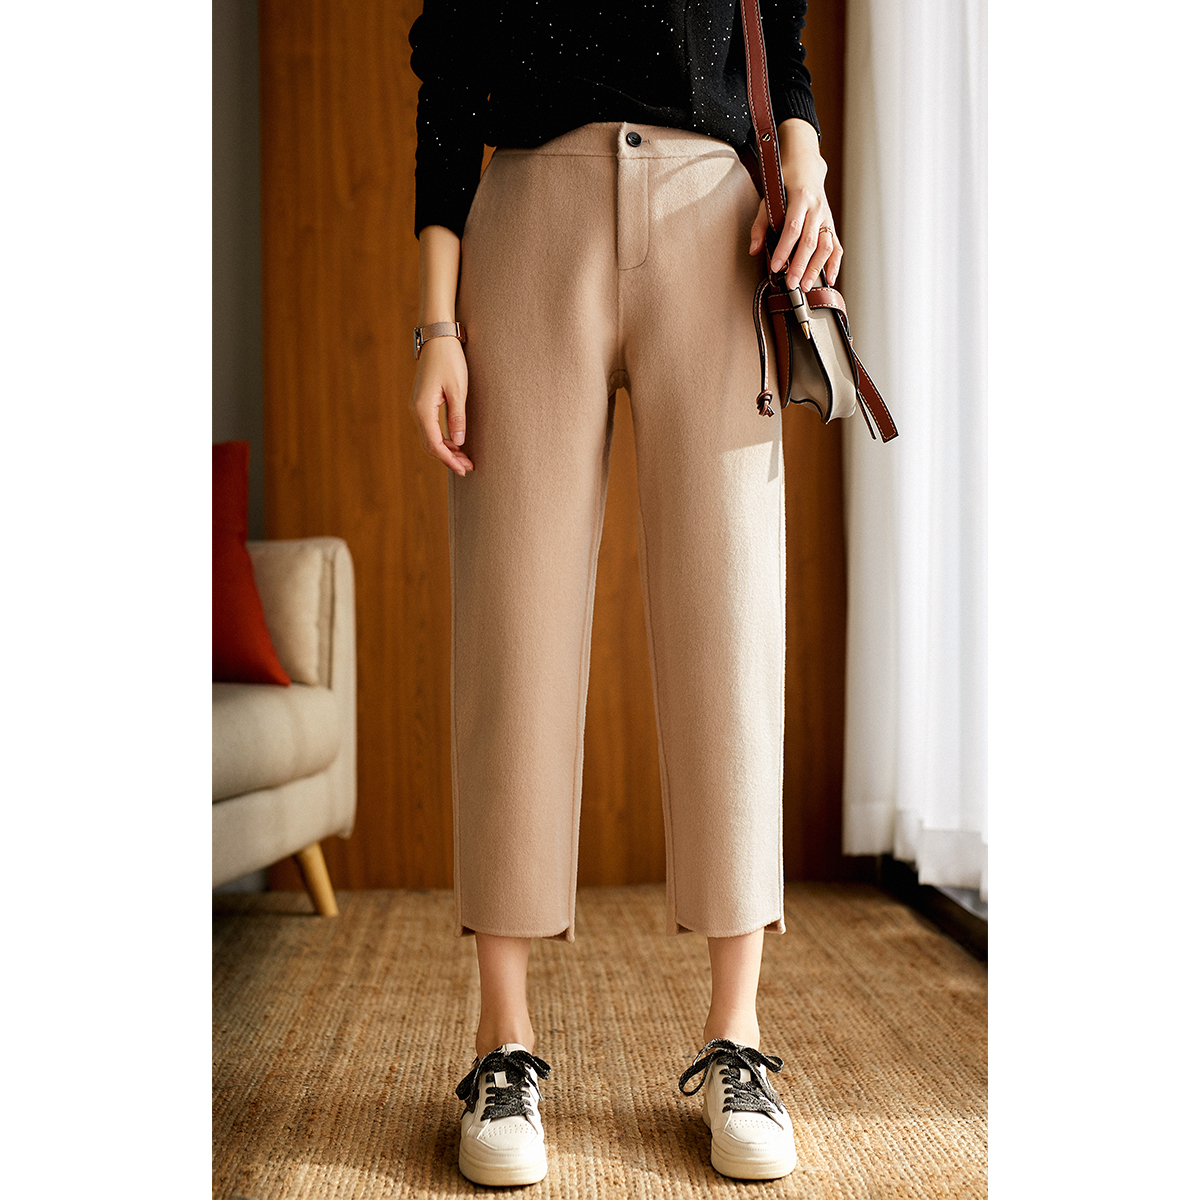 [KZ117918AL] 值得收藏高精尖精品系列手工双面全羊毛休闲裤